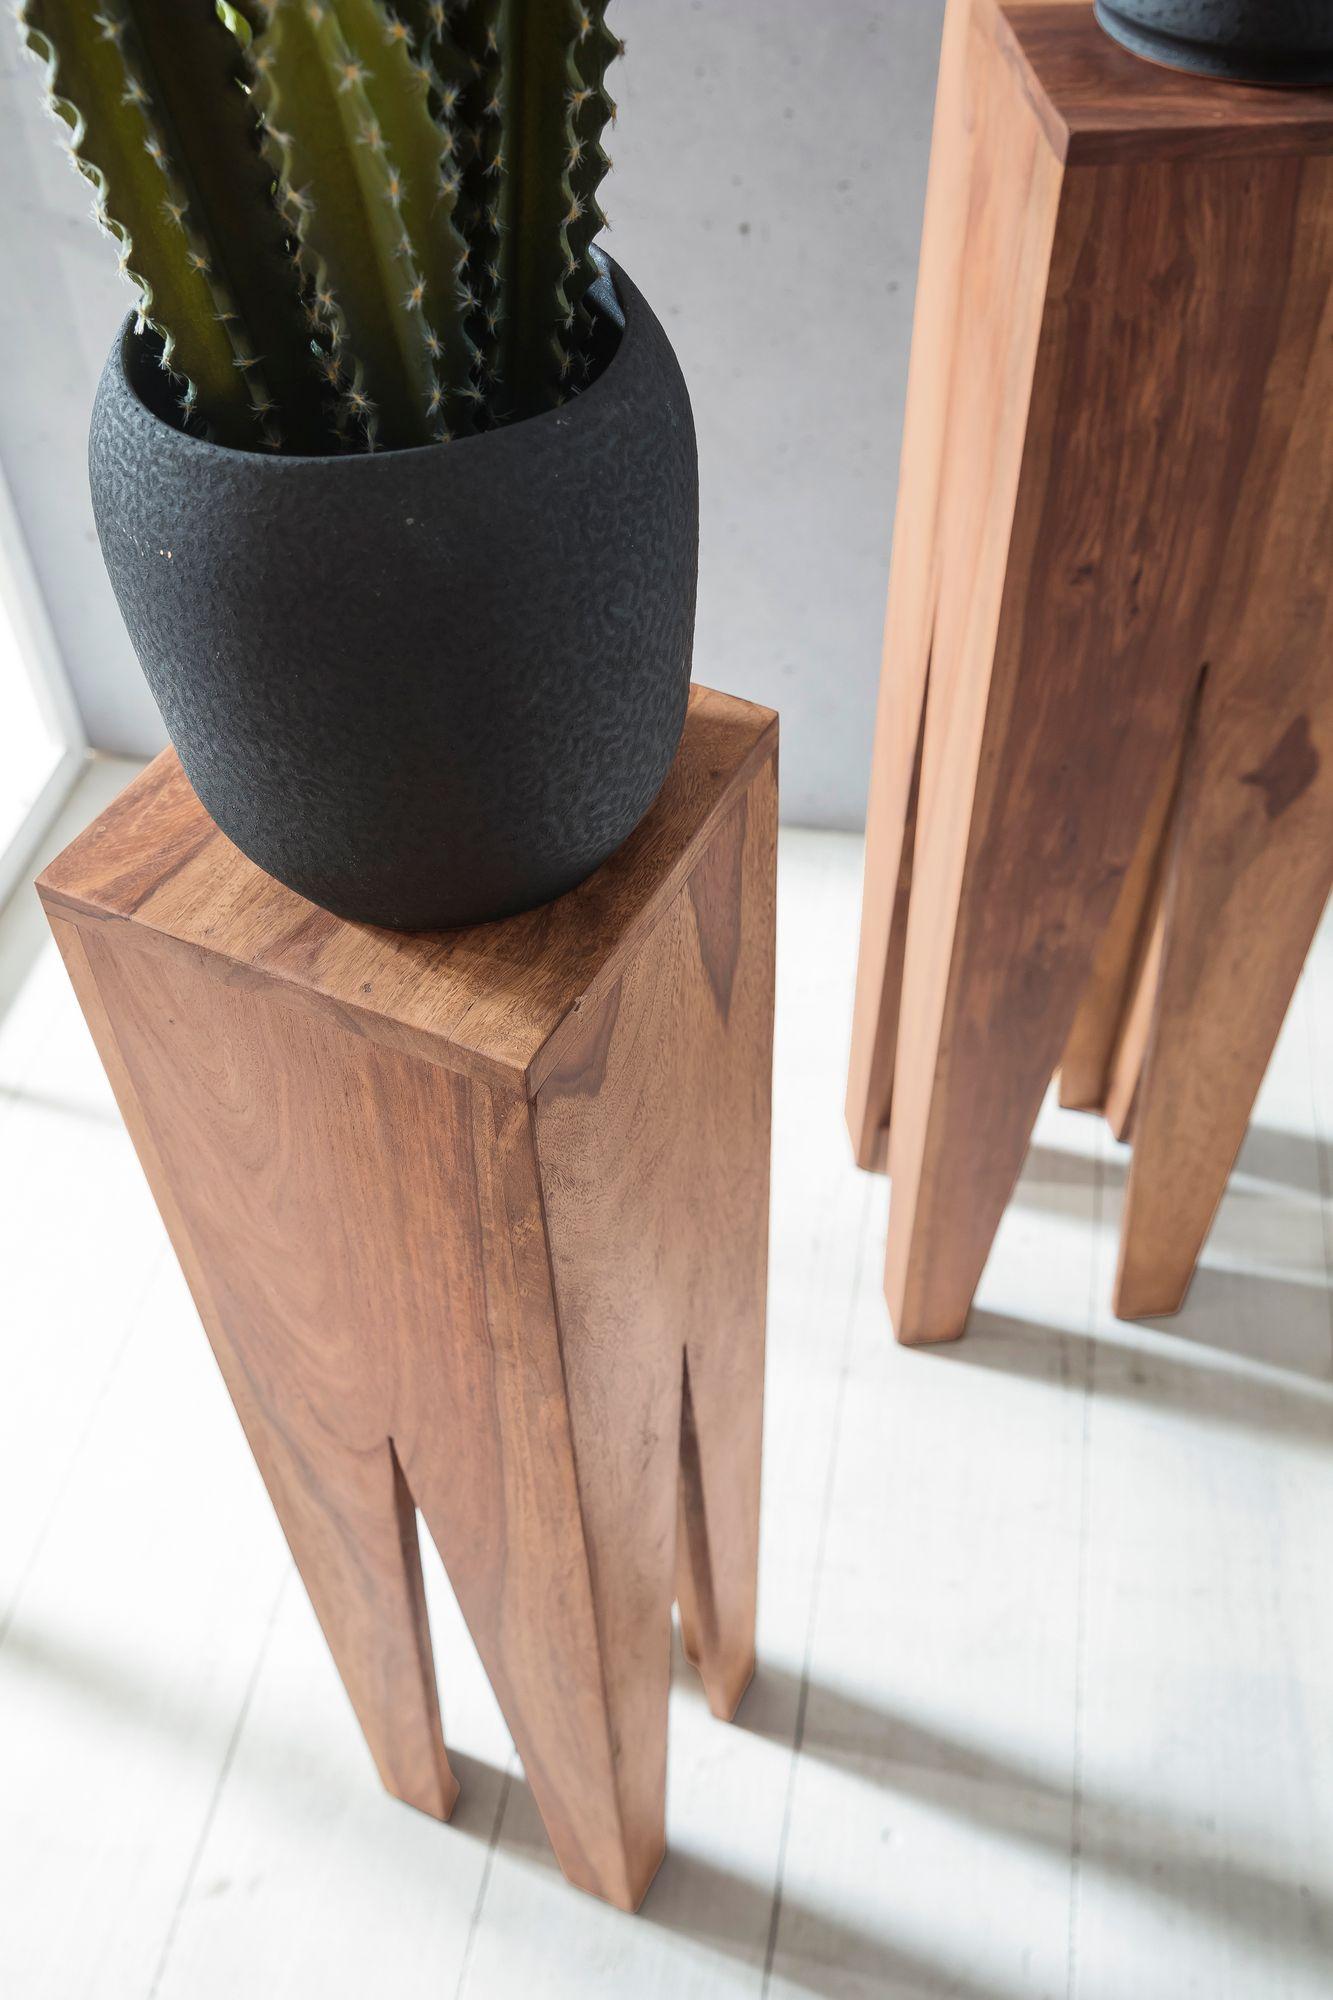 WOHNLING Beistelltisch 3er Set KADA Massivholz Akazie Wohnzimmer Tisch  Design Säulen Landhausstil Couchtisch Quadratisch